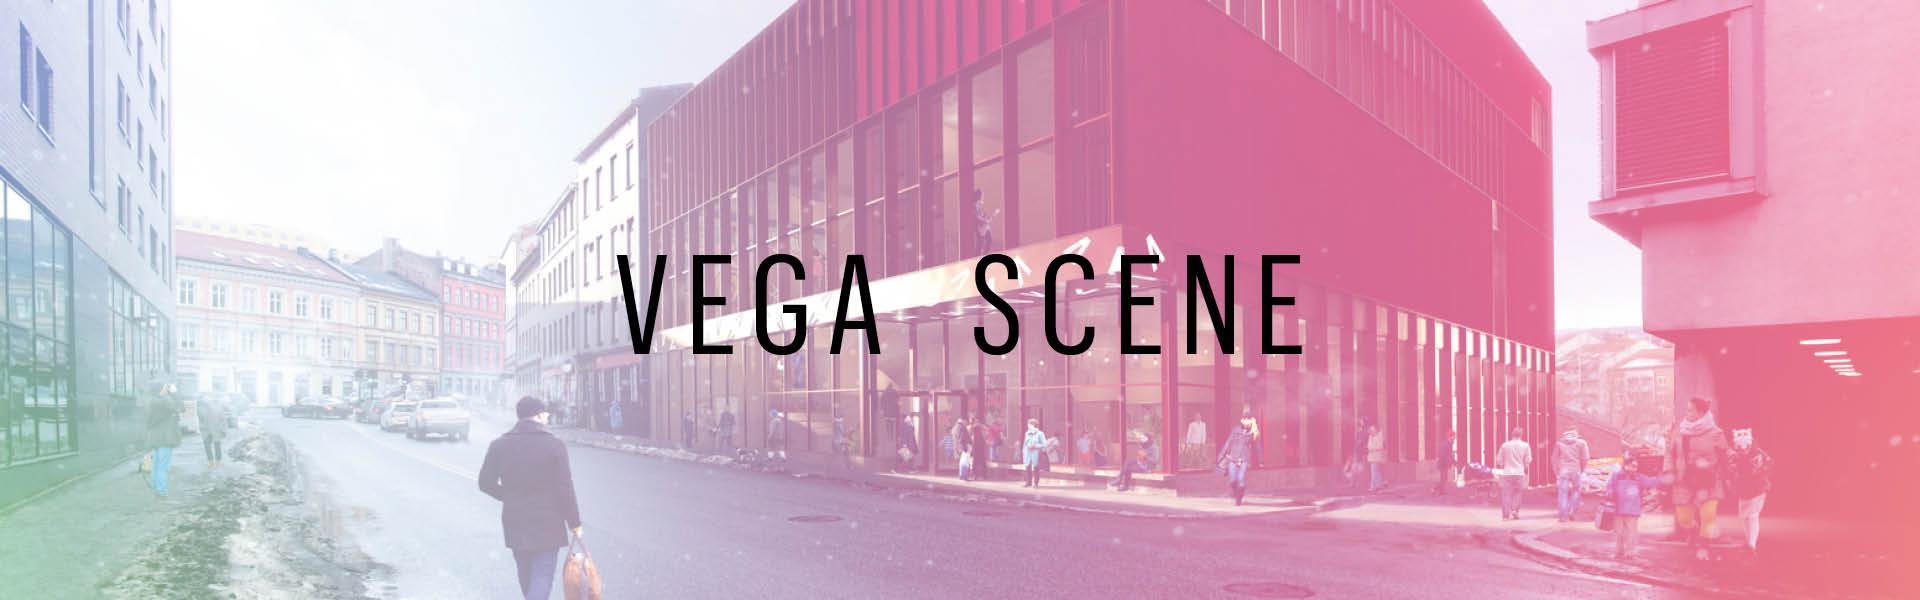 VegaScene.jpg